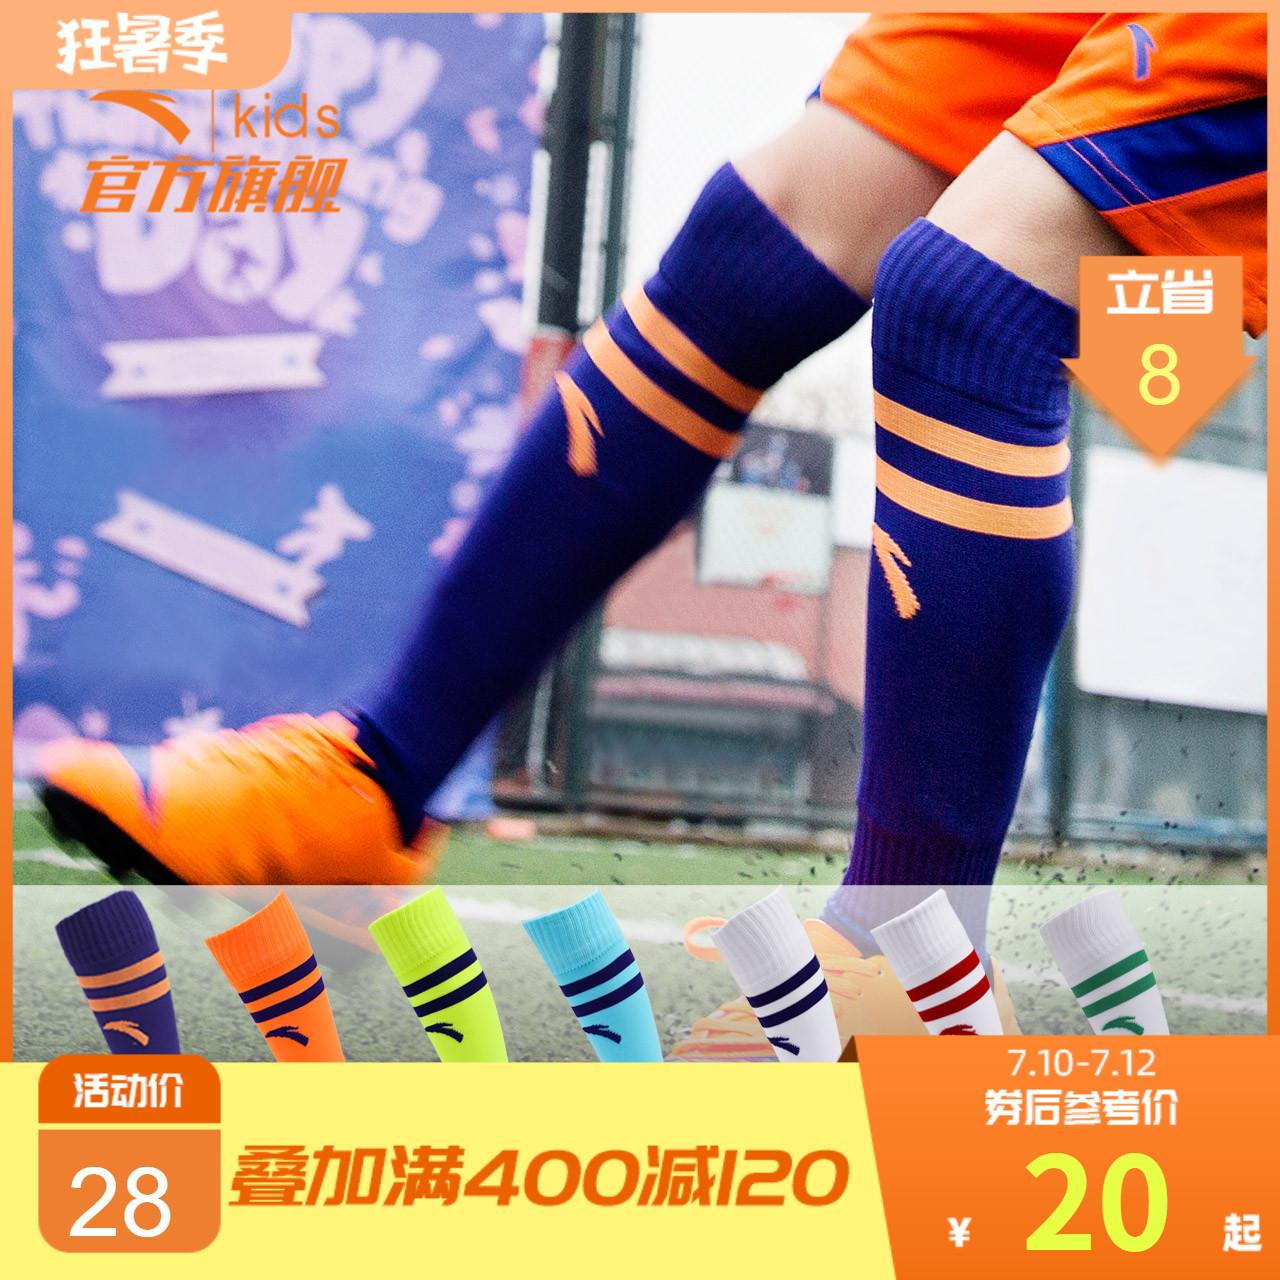 安踏男童襪足球襪女童襪青少年運動襪長筒襪兒童襪子長襪男襪女襪